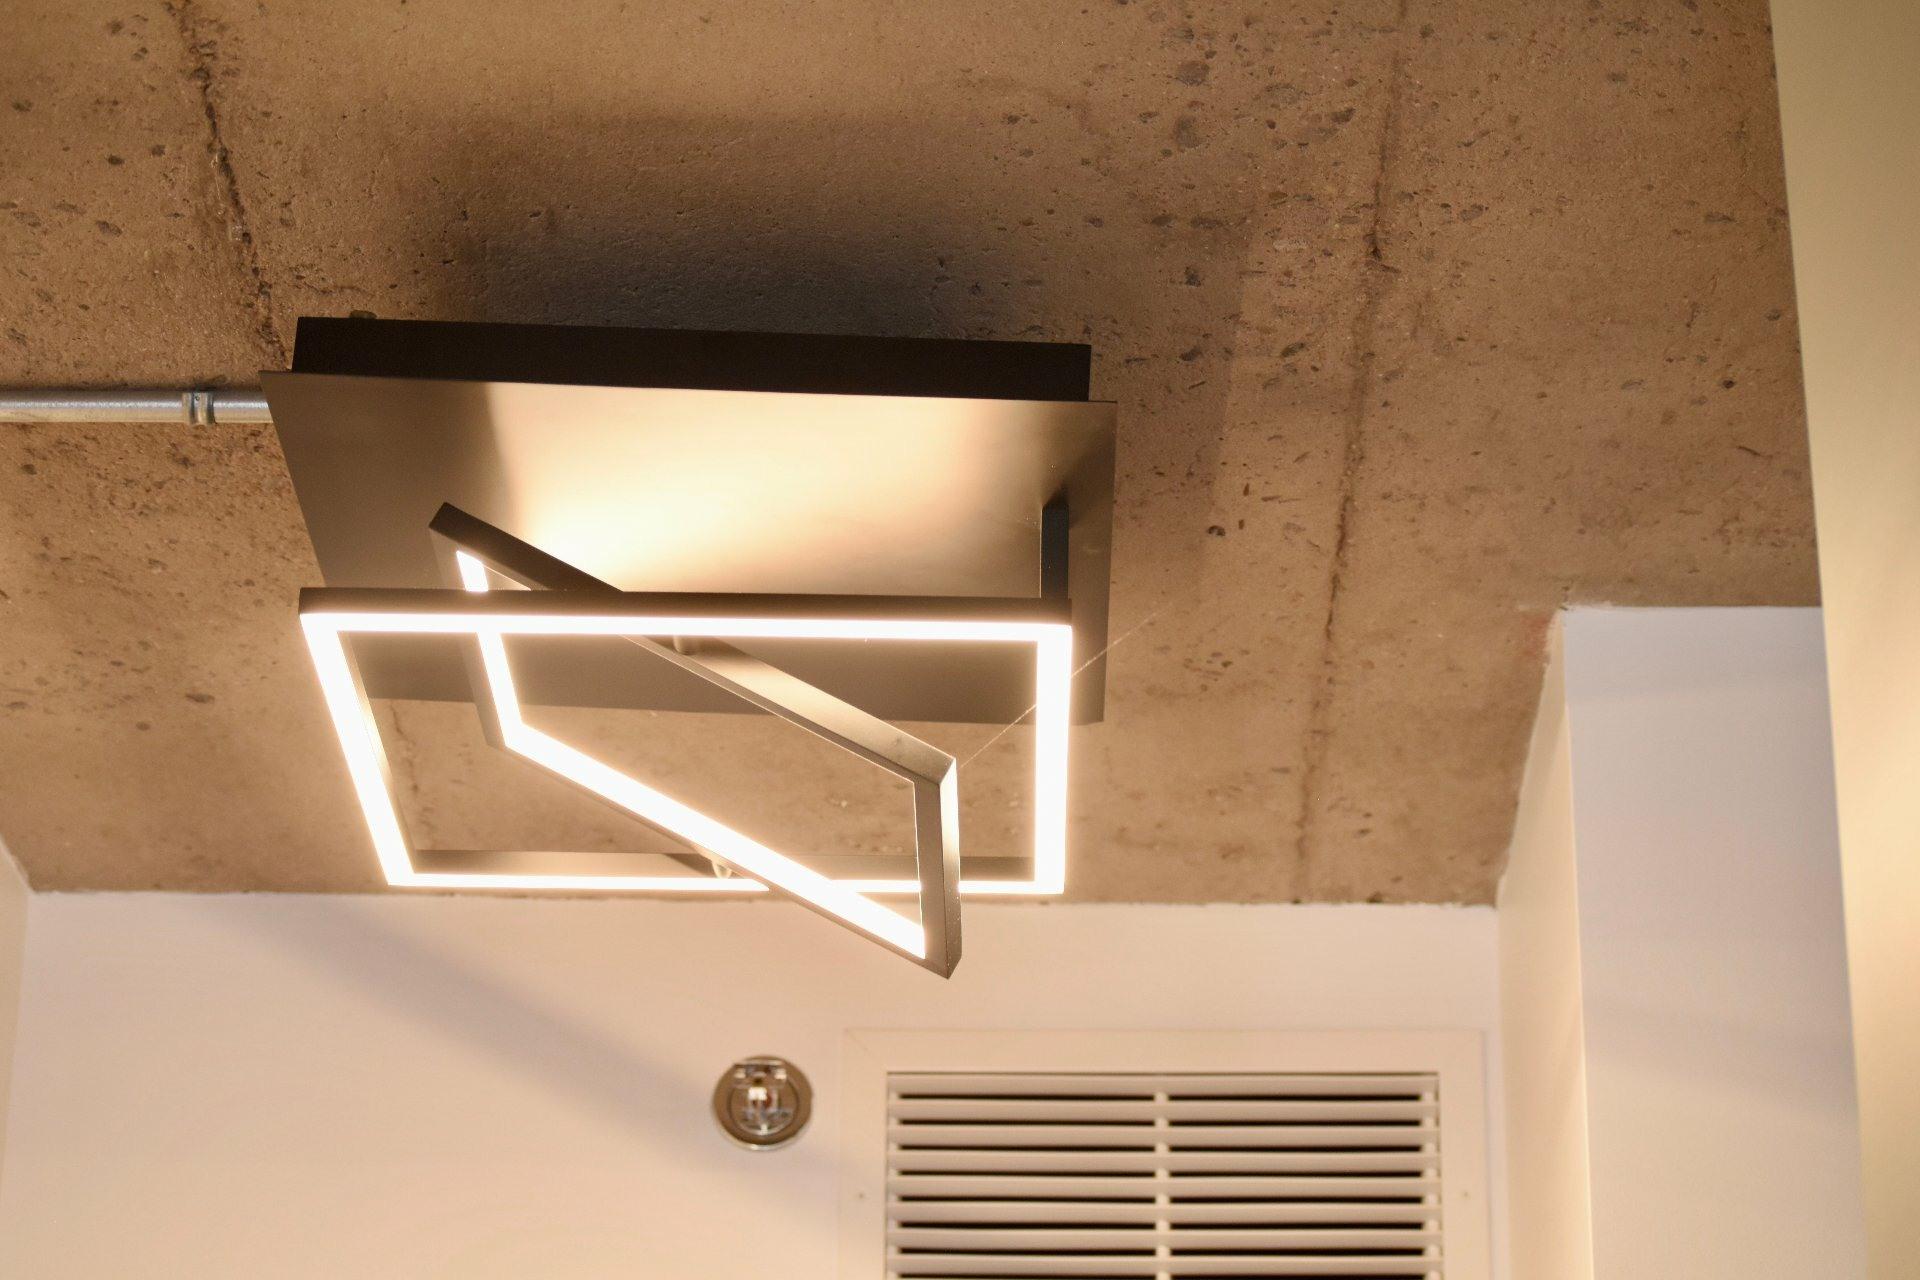 image 23 - Apartment For rent Villeray/Saint-Michel/Parc-Extension Montréal  - 5 rooms